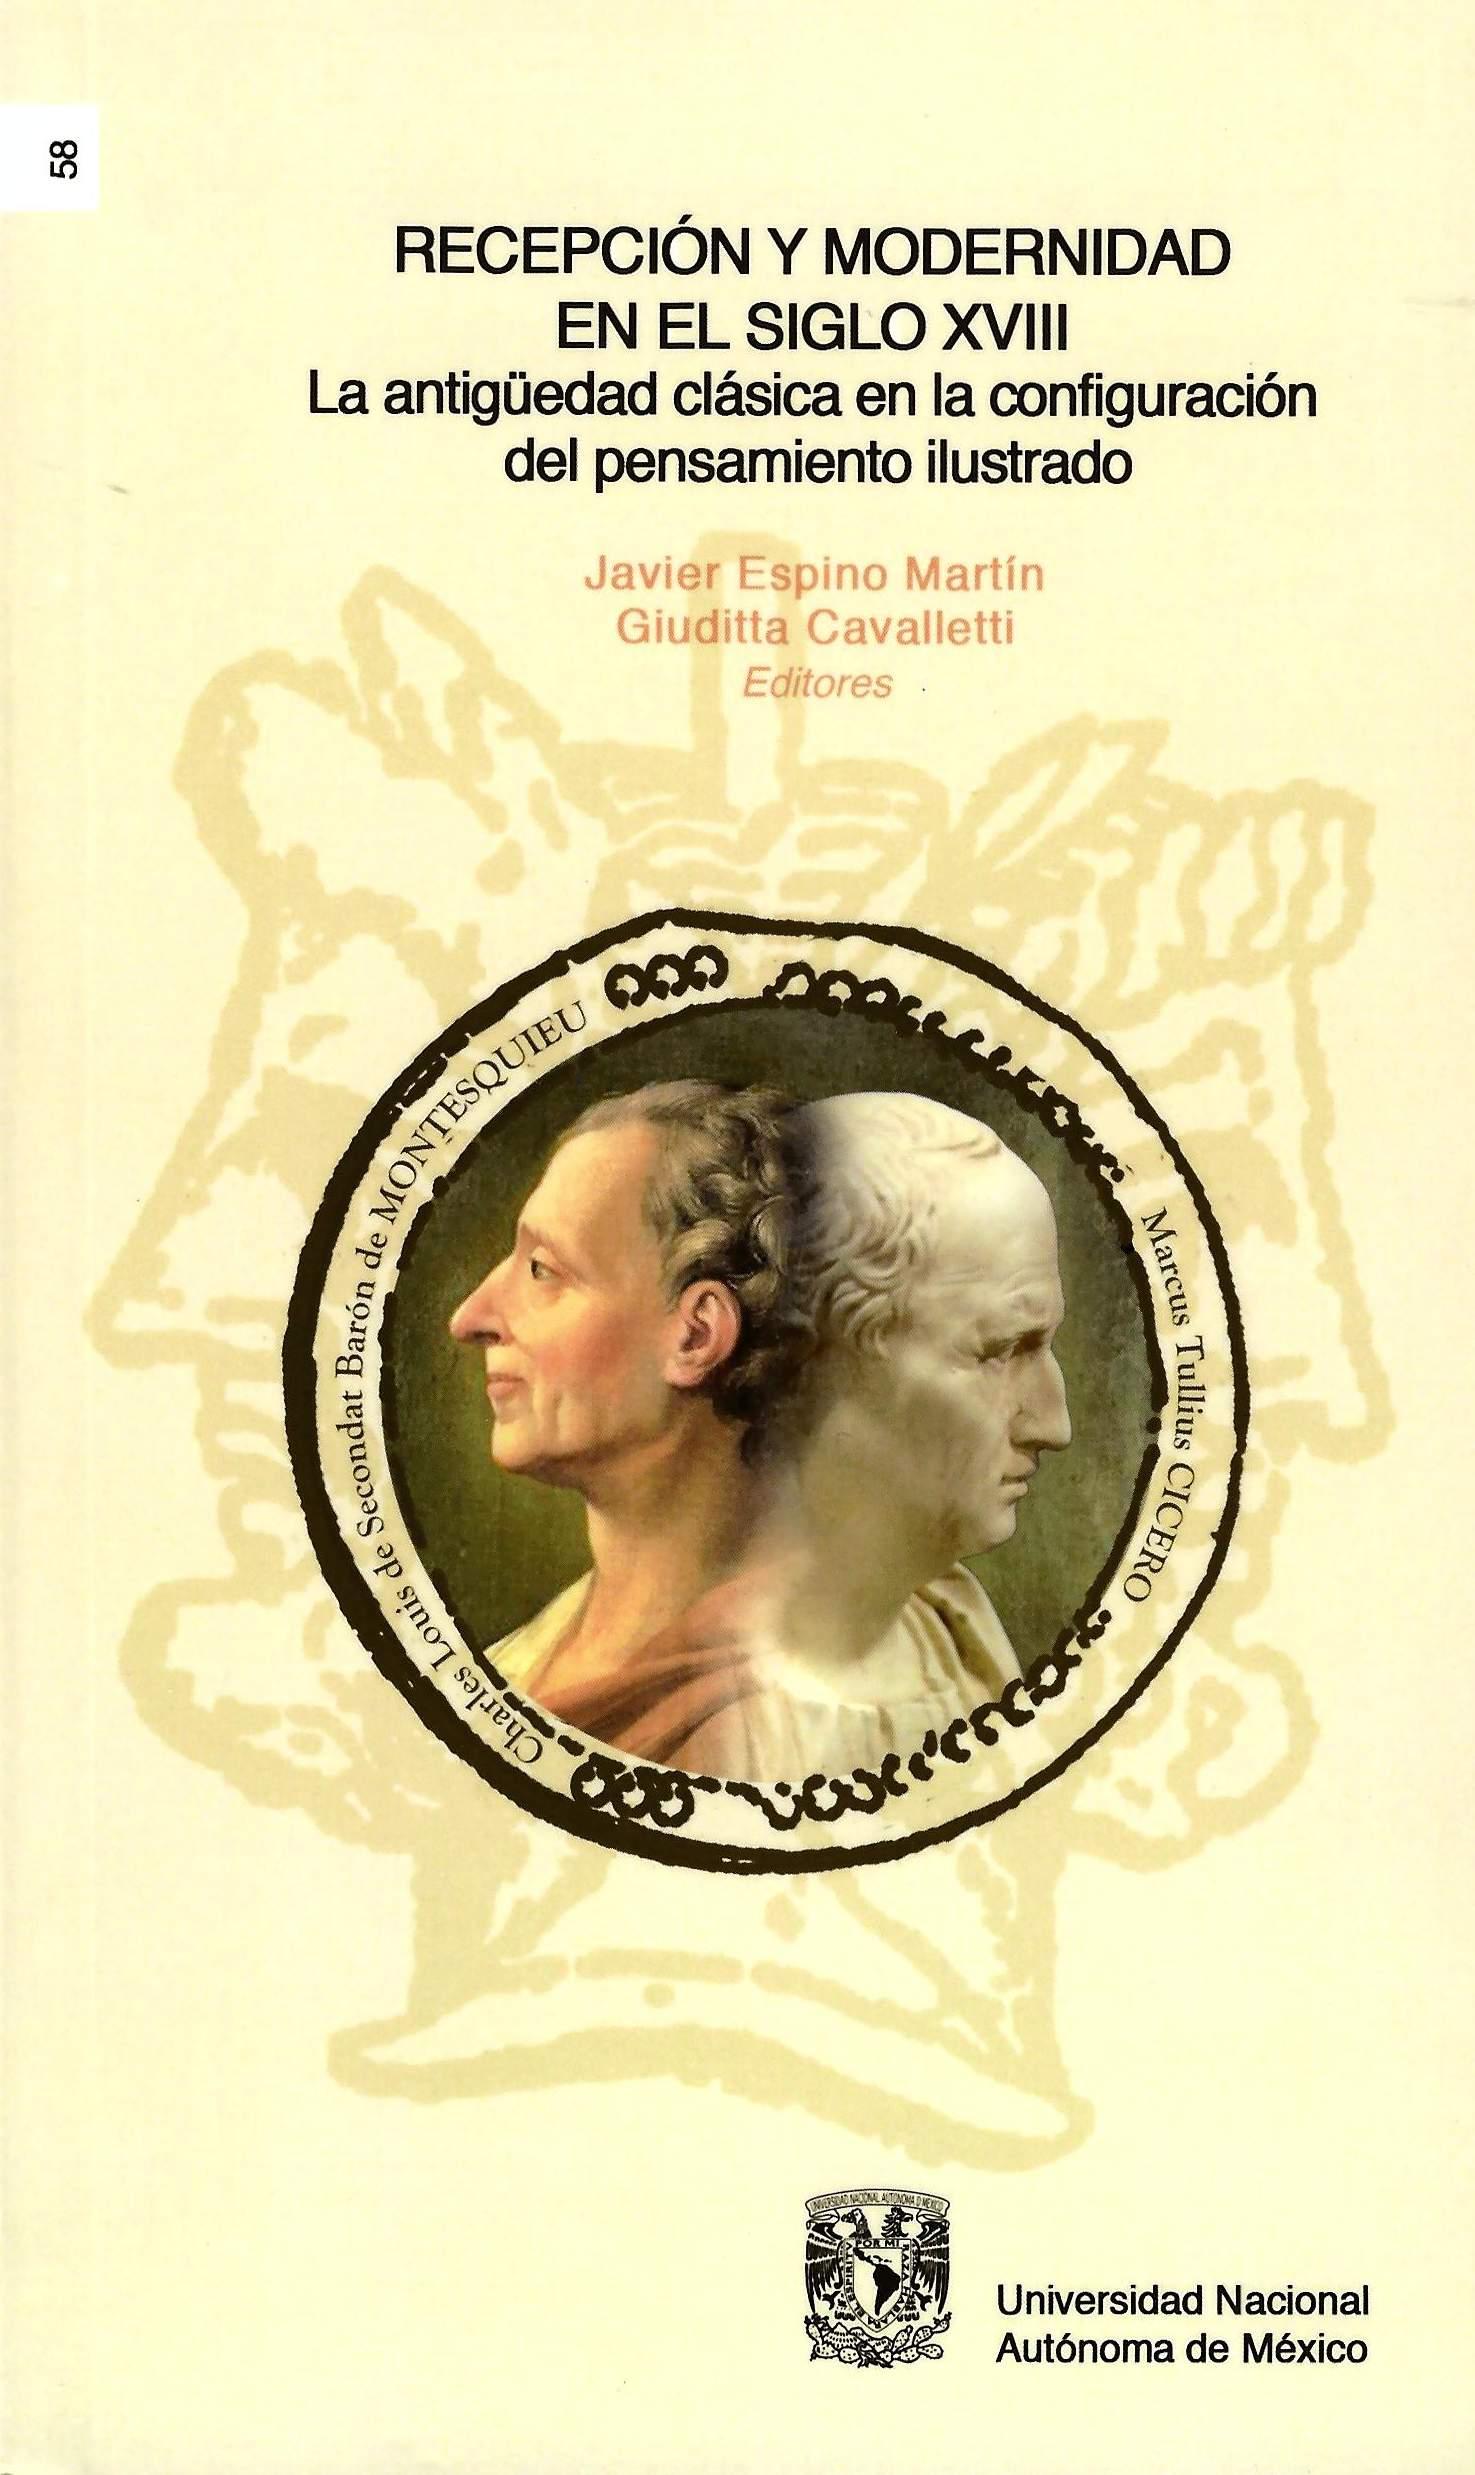 Recepción y modernidad en el siglo XVIII. La antigüedad clásica en la configuración del pensamiento